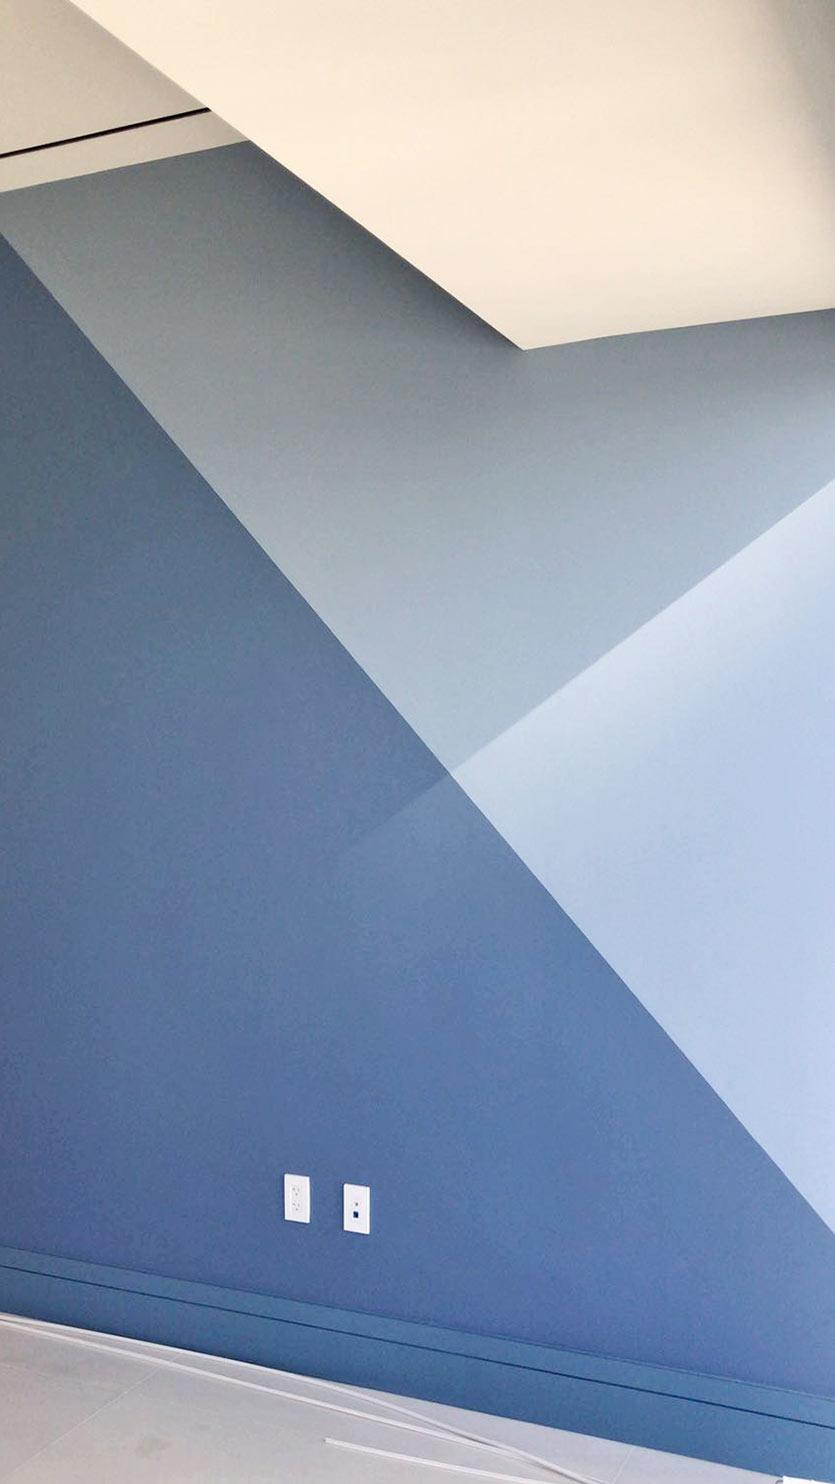 Condo Interior Design - Boys Bedroom Progress